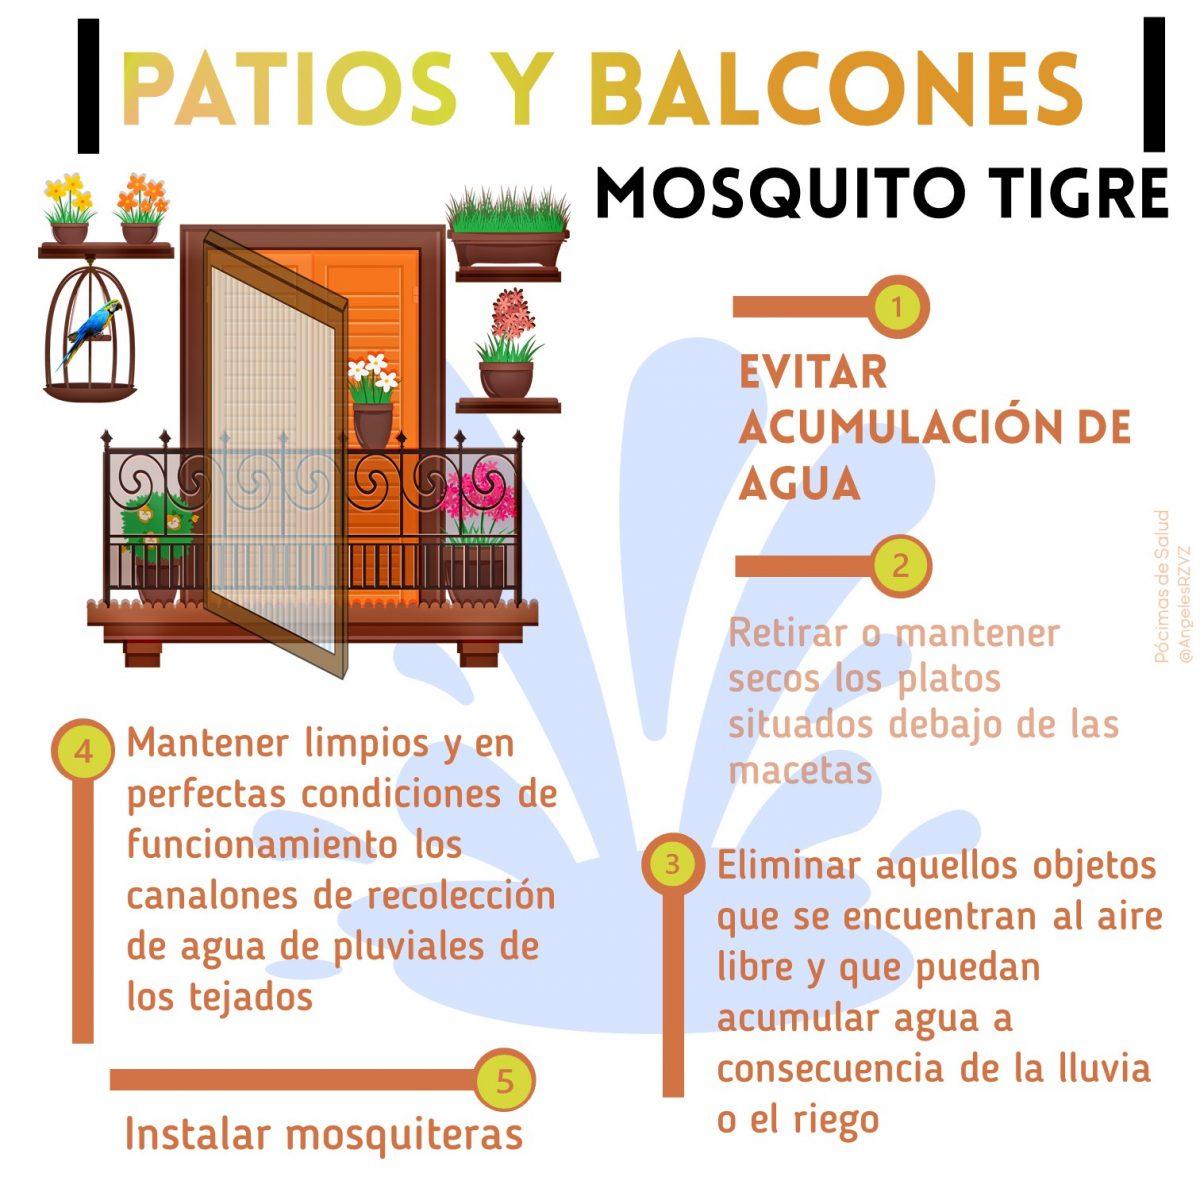 mosquitotigre-consejos-prevencion-focos-de-cria-balcones-patios